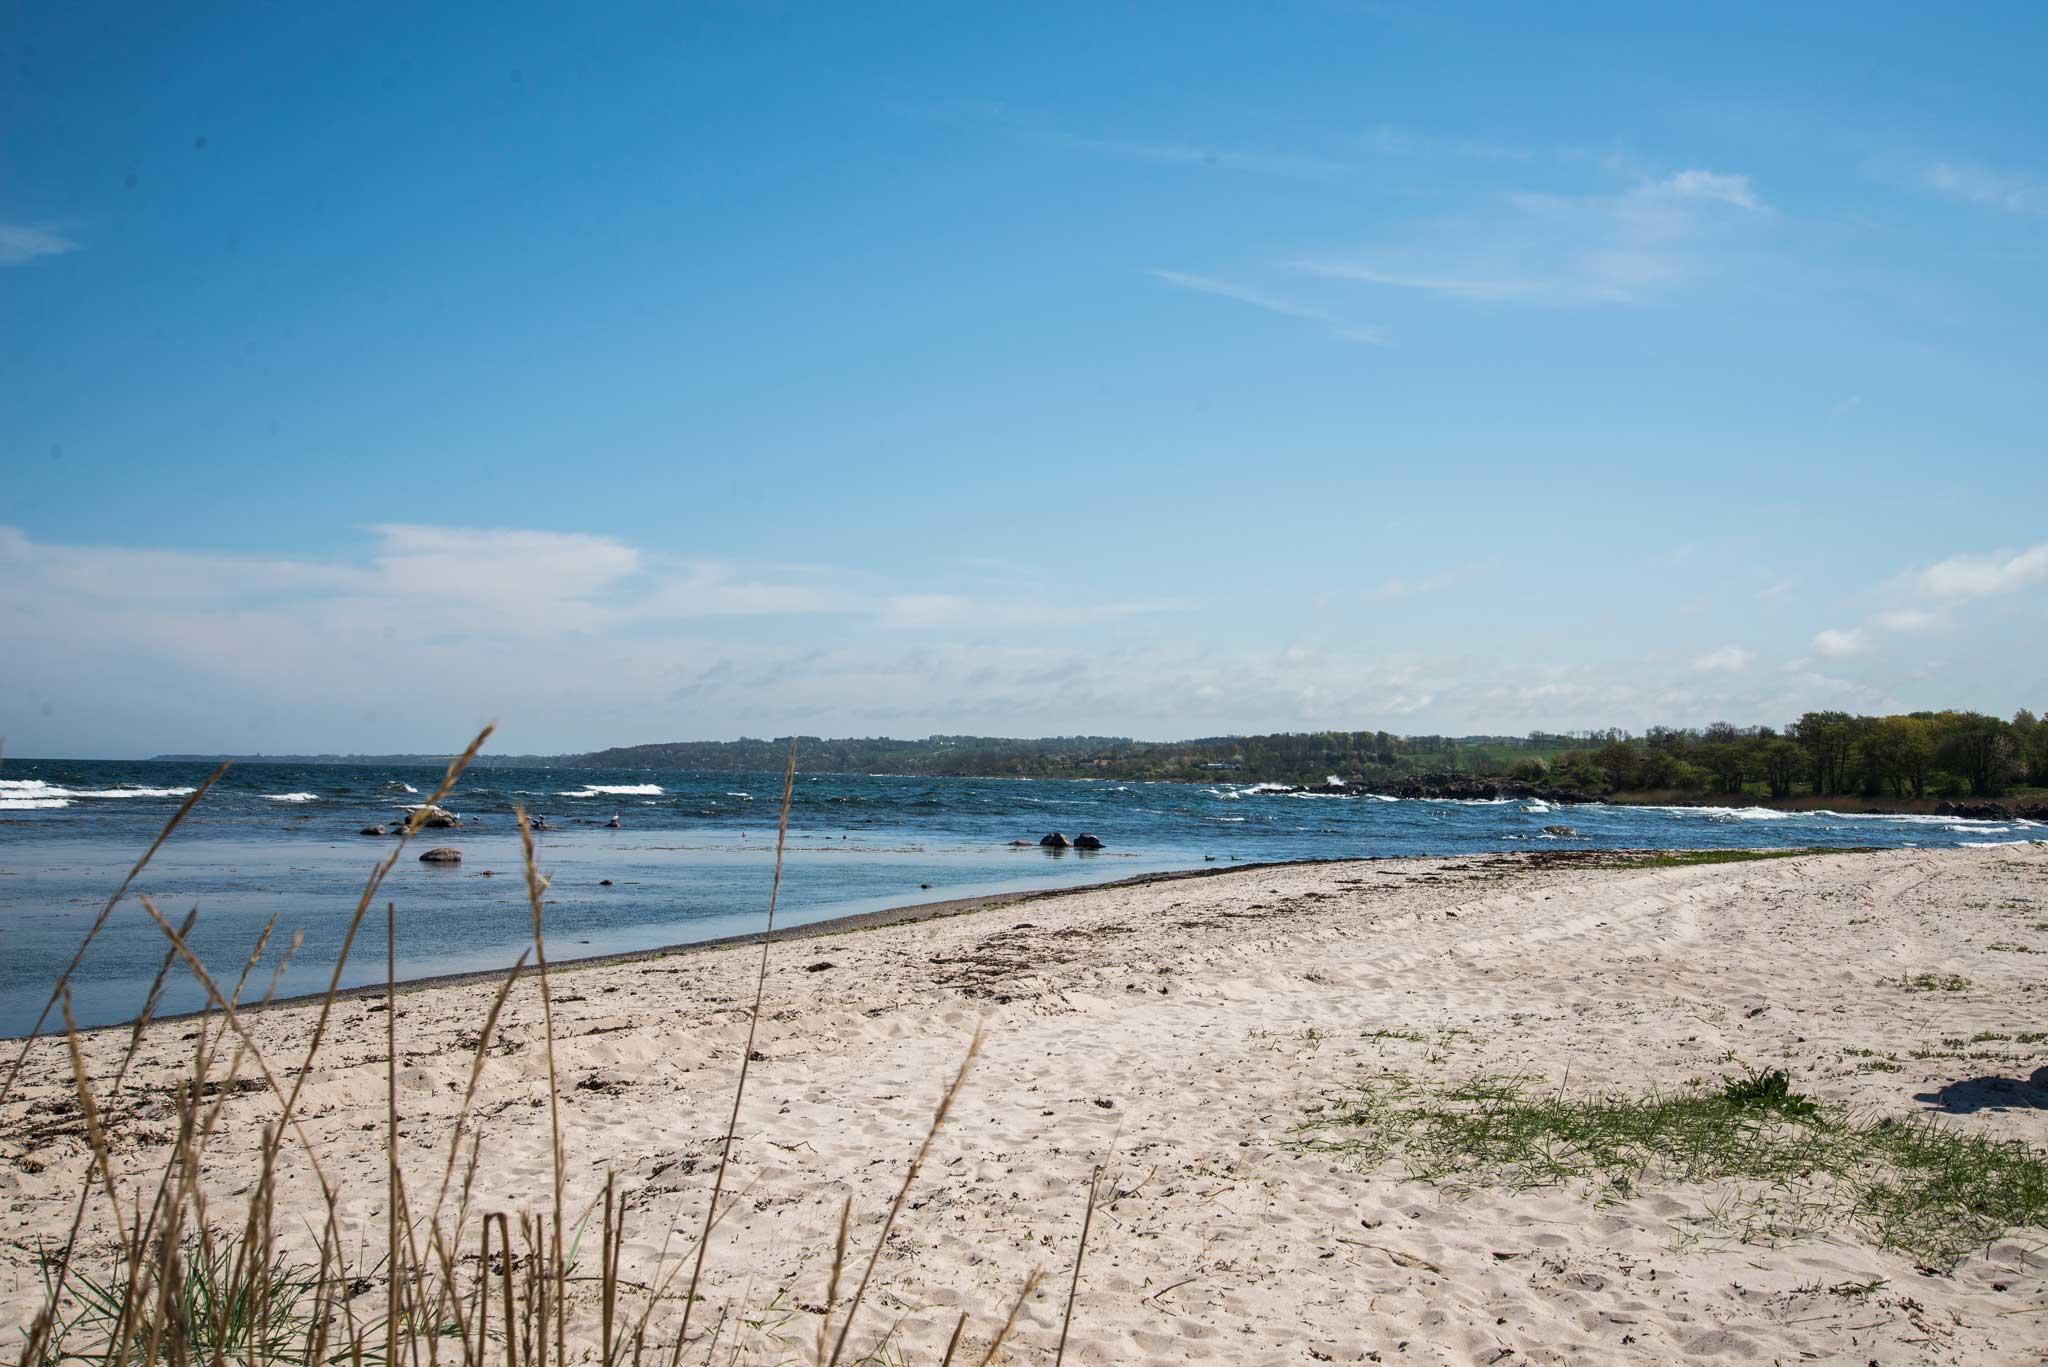 Hvite sandstrender finner du mange av på sørkysten av Bornholm.